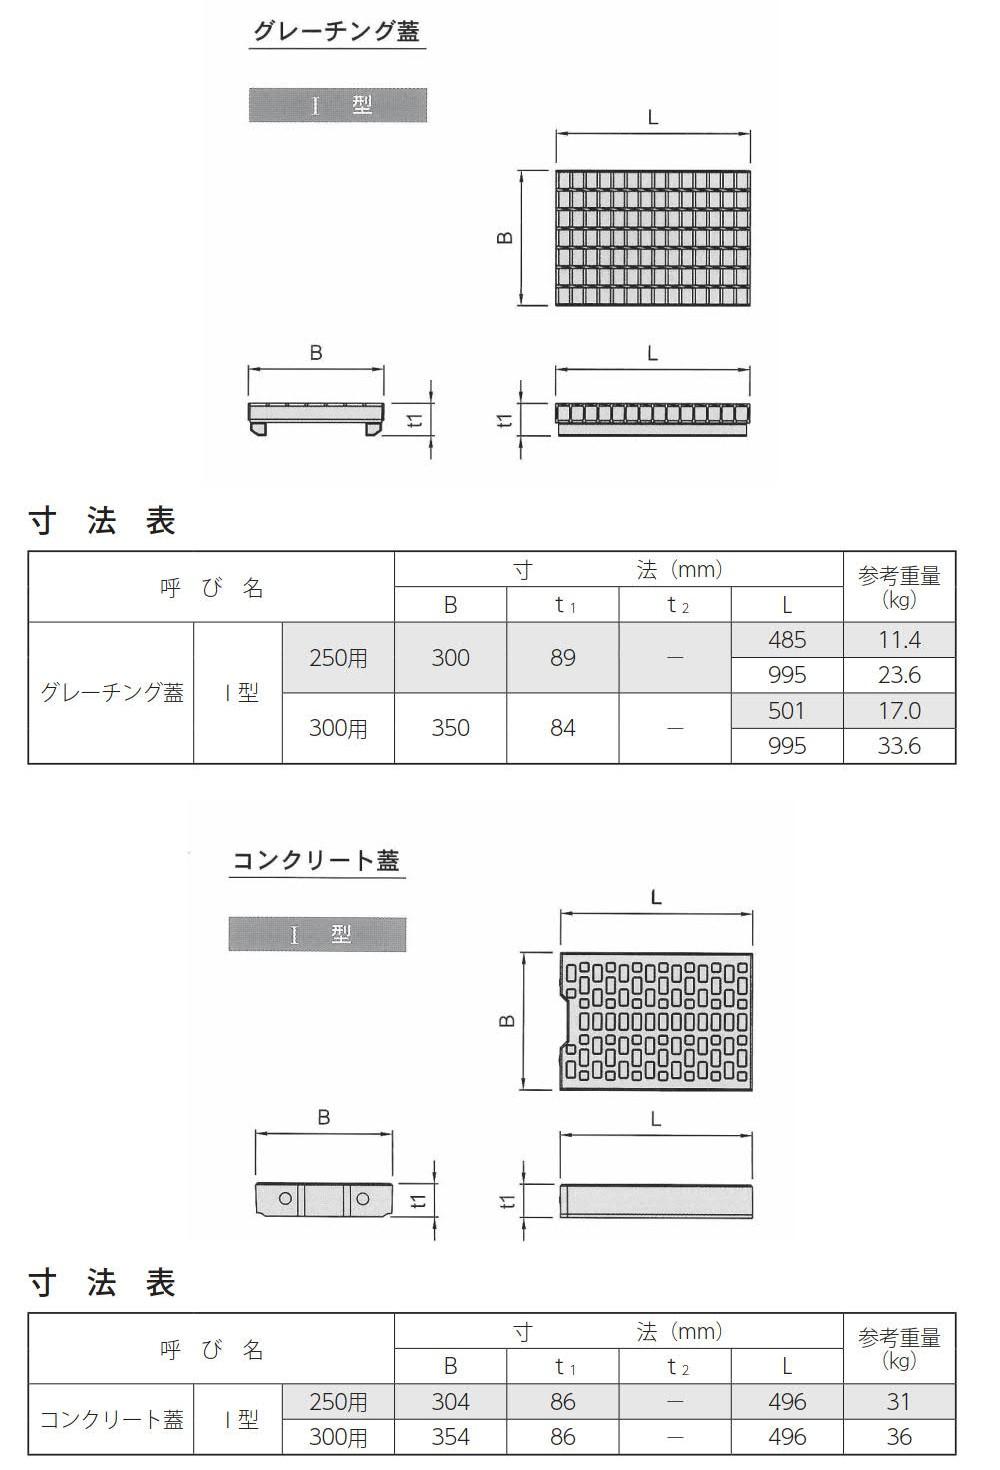 オリジナル側溝|エコノミー側溝(NETIS登録製品) 外形寸法 2